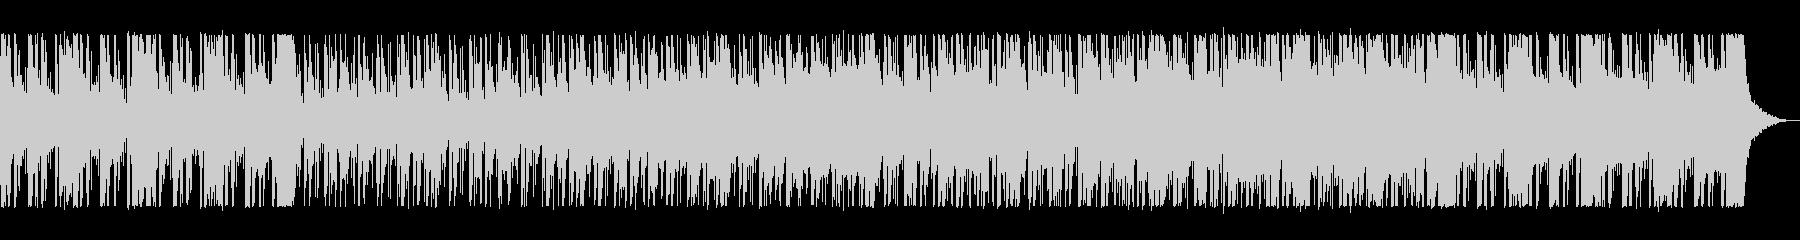 レトロな80sフュージョン・サウンドの未再生の波形